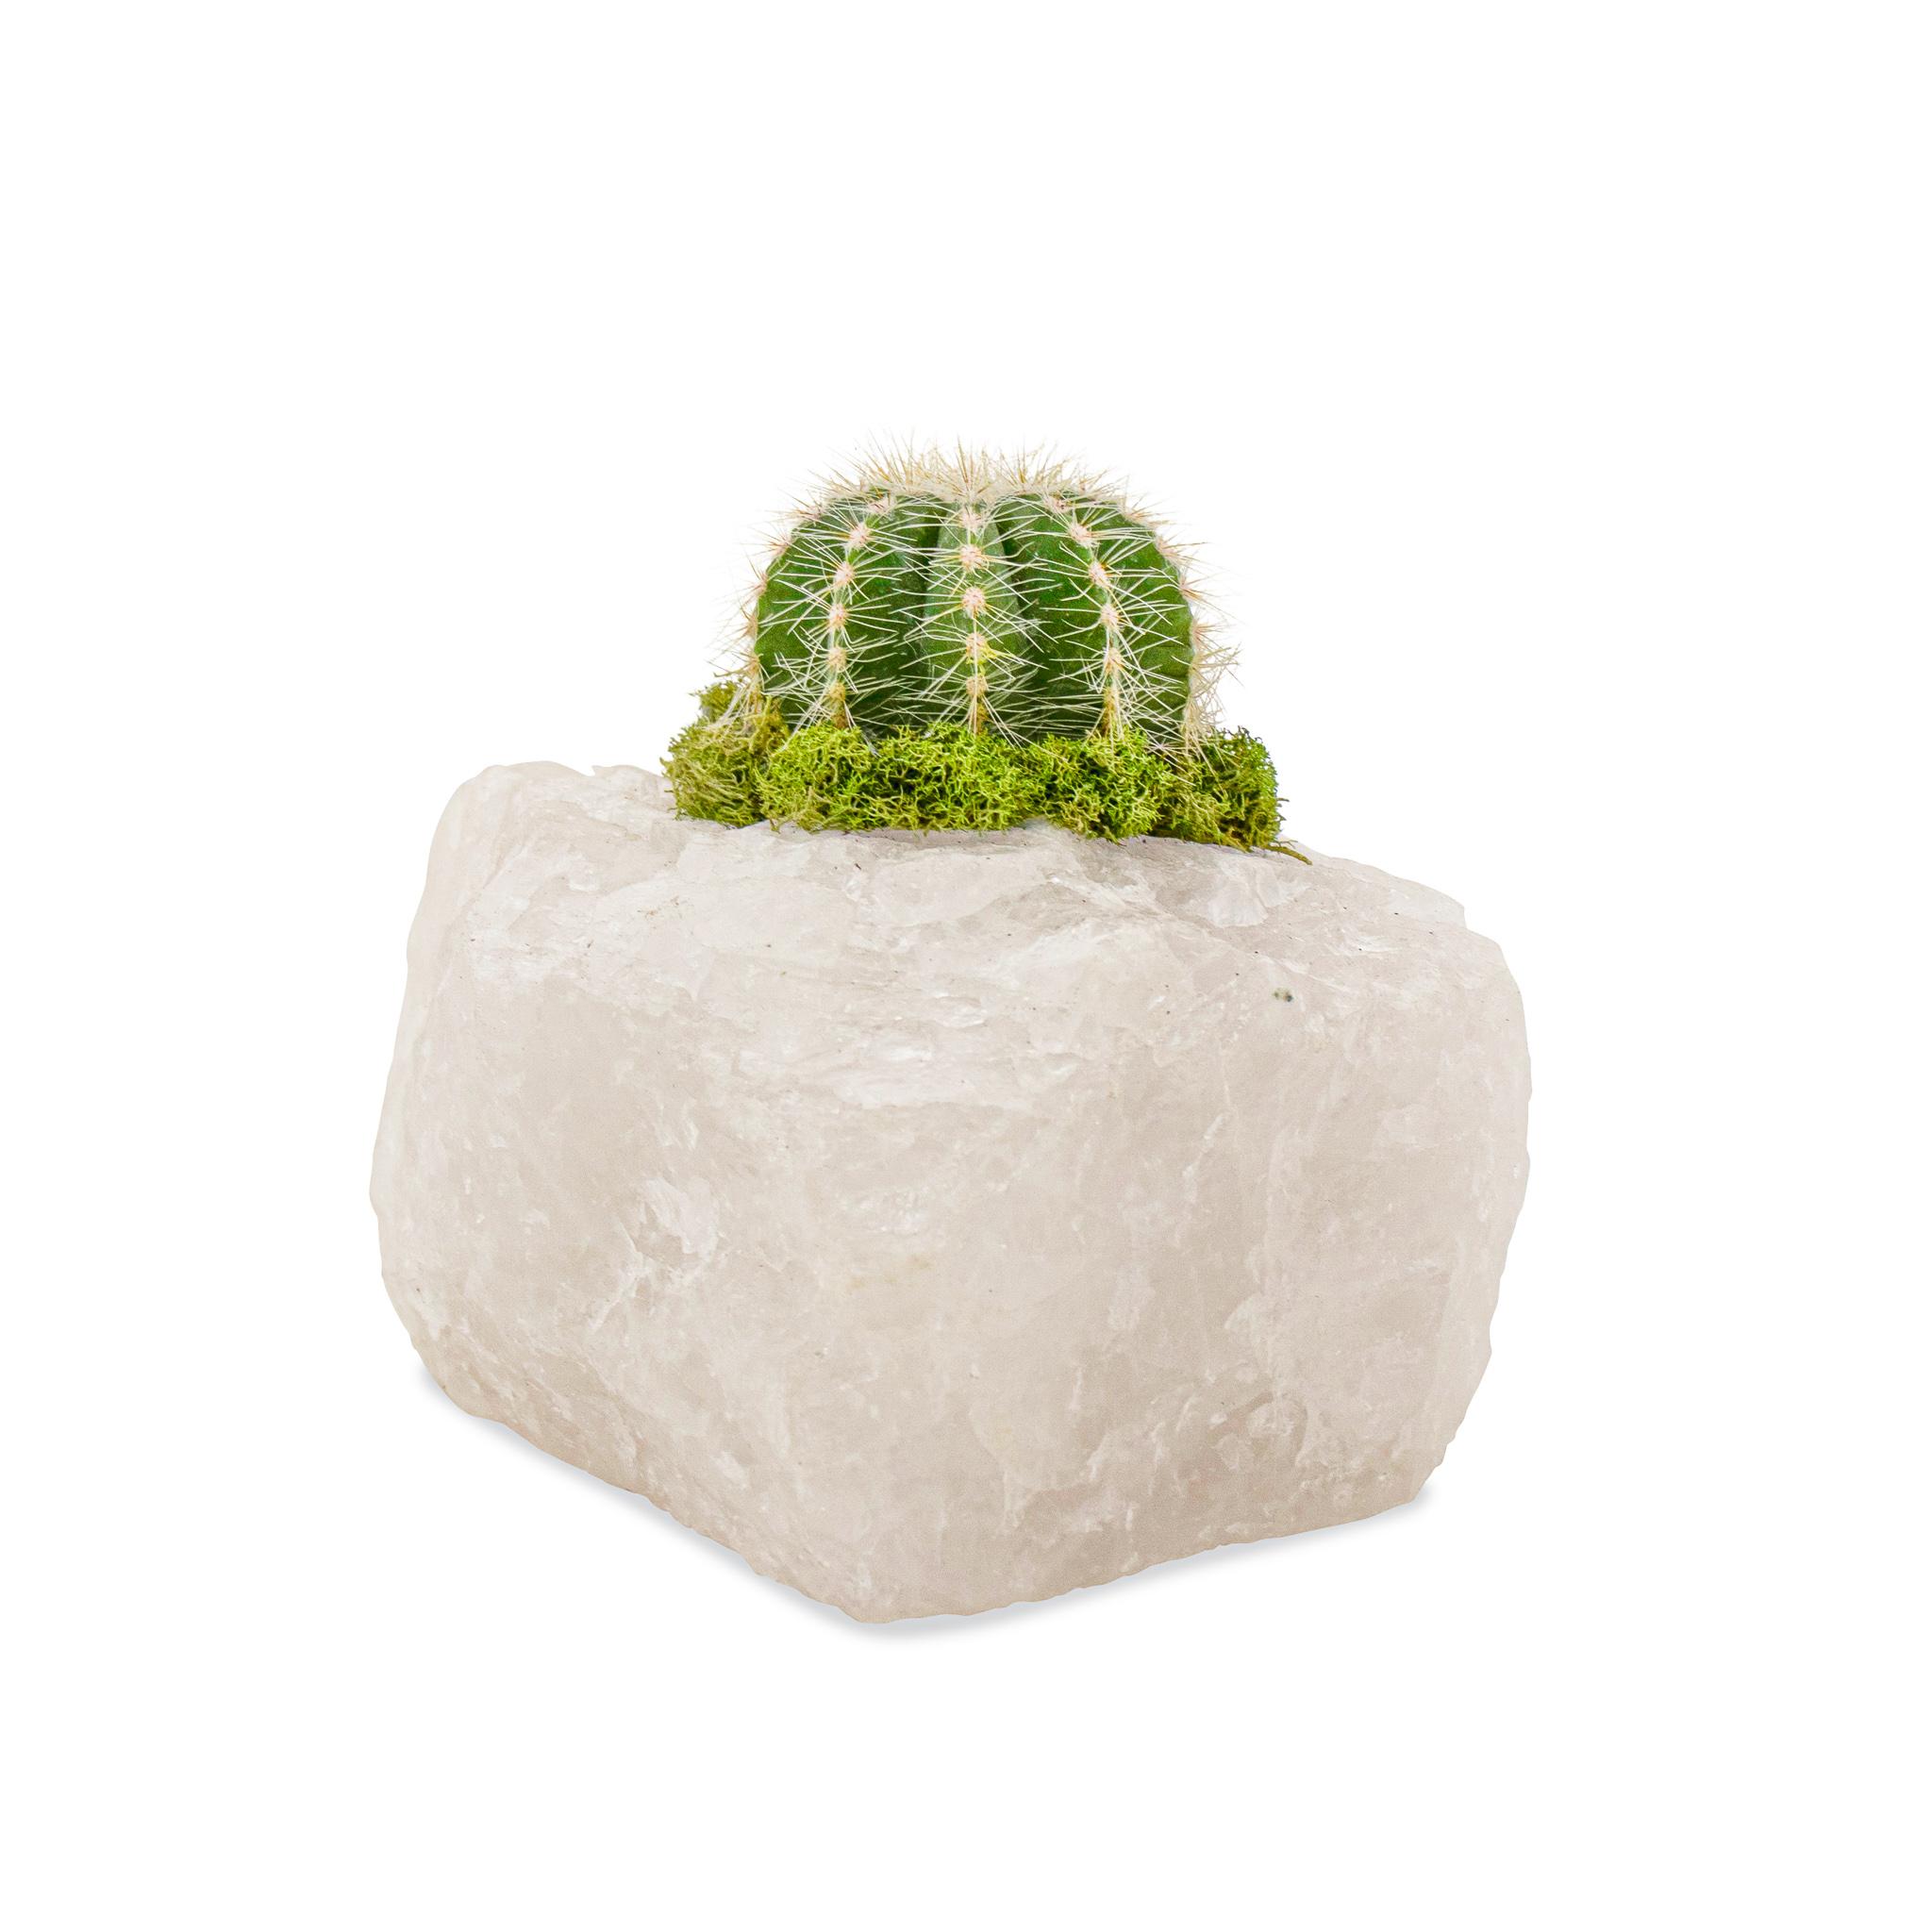 Snow Quartz - Cactus